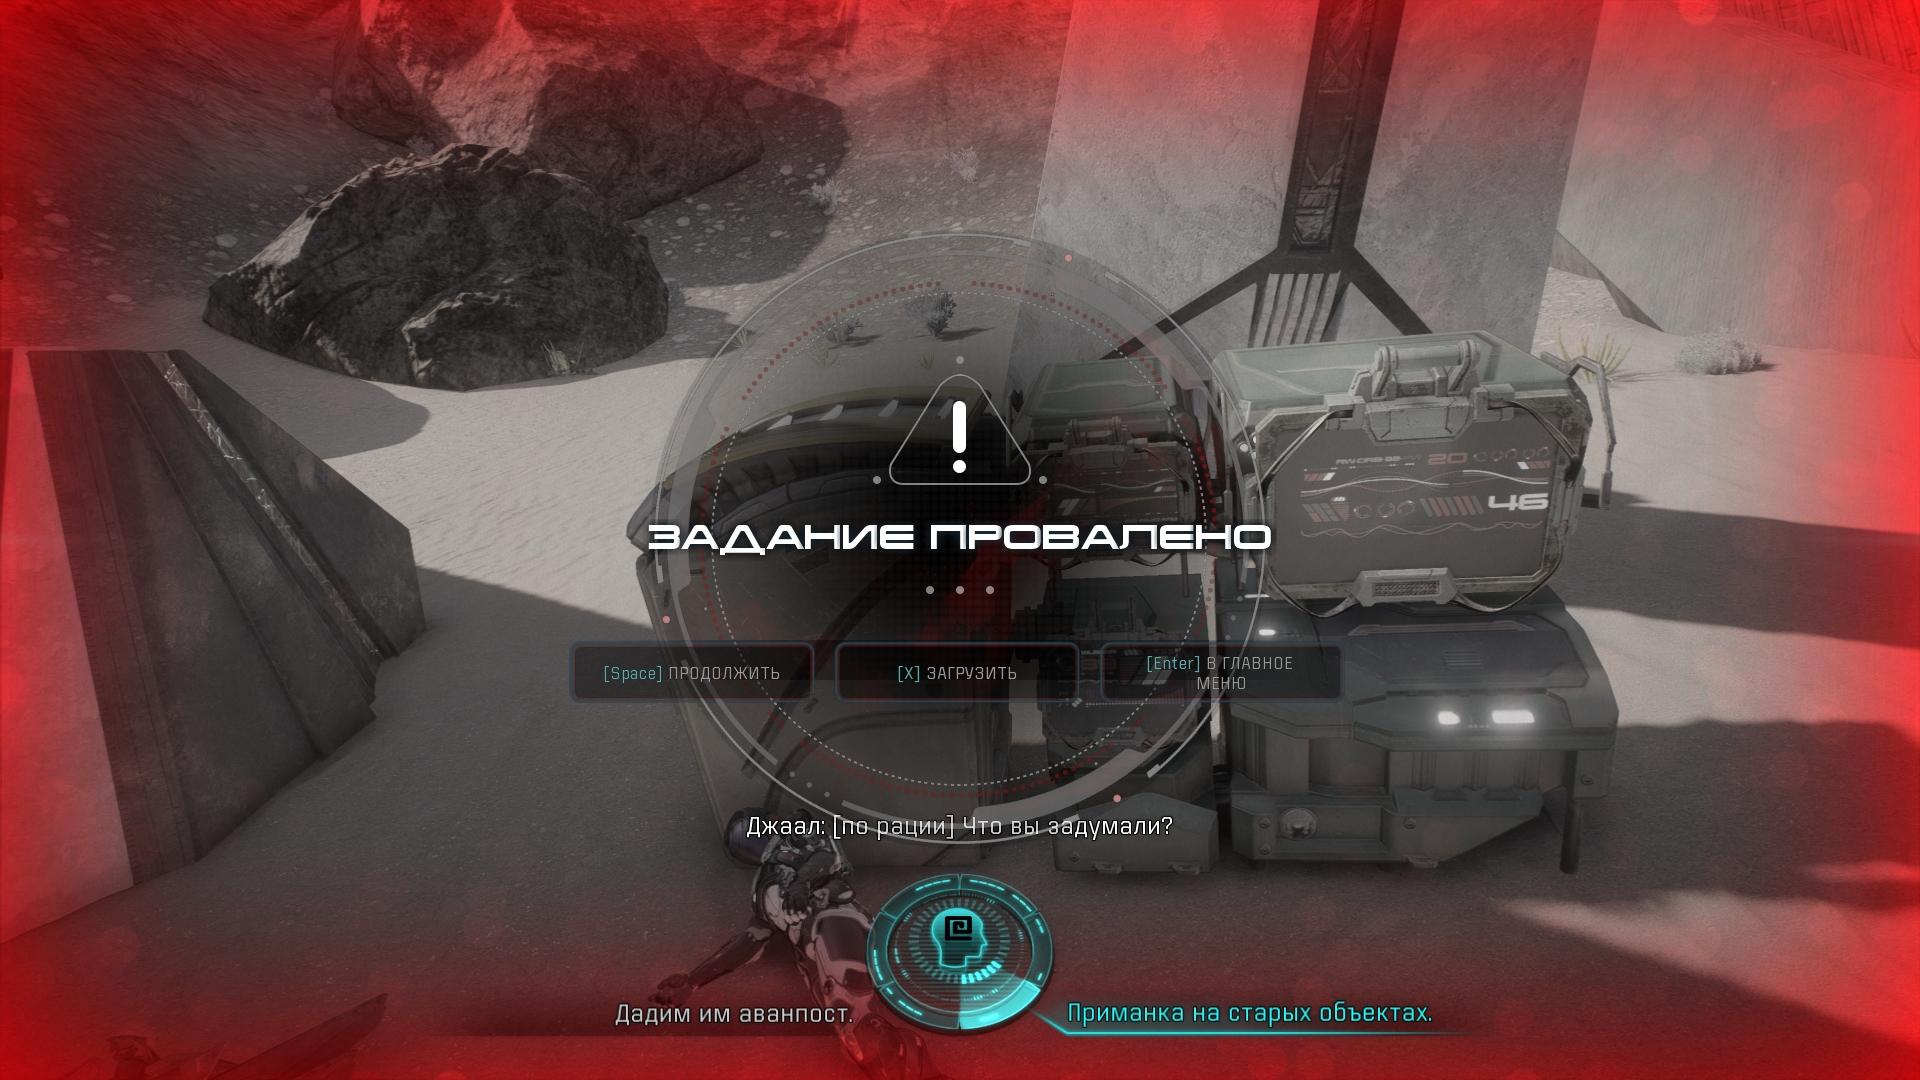 Сдох пока базарил, убил какой-то таракан:D - Mass Effect: Andromeda